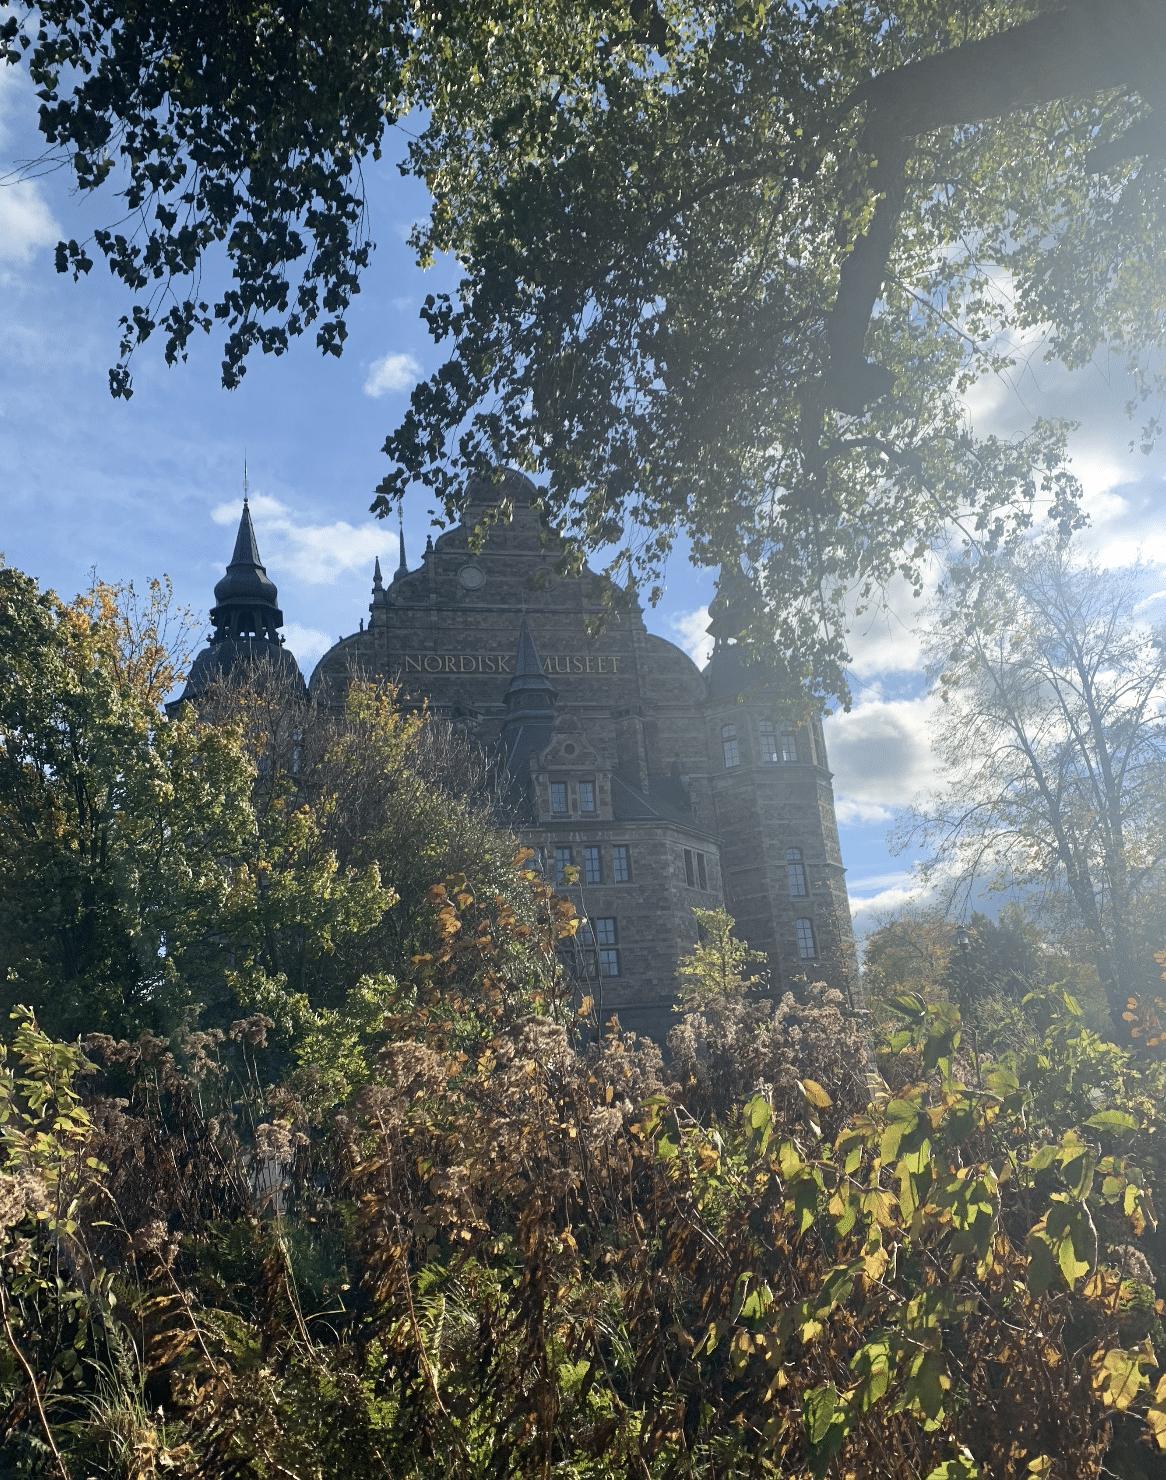 le musee nordique de stockholm